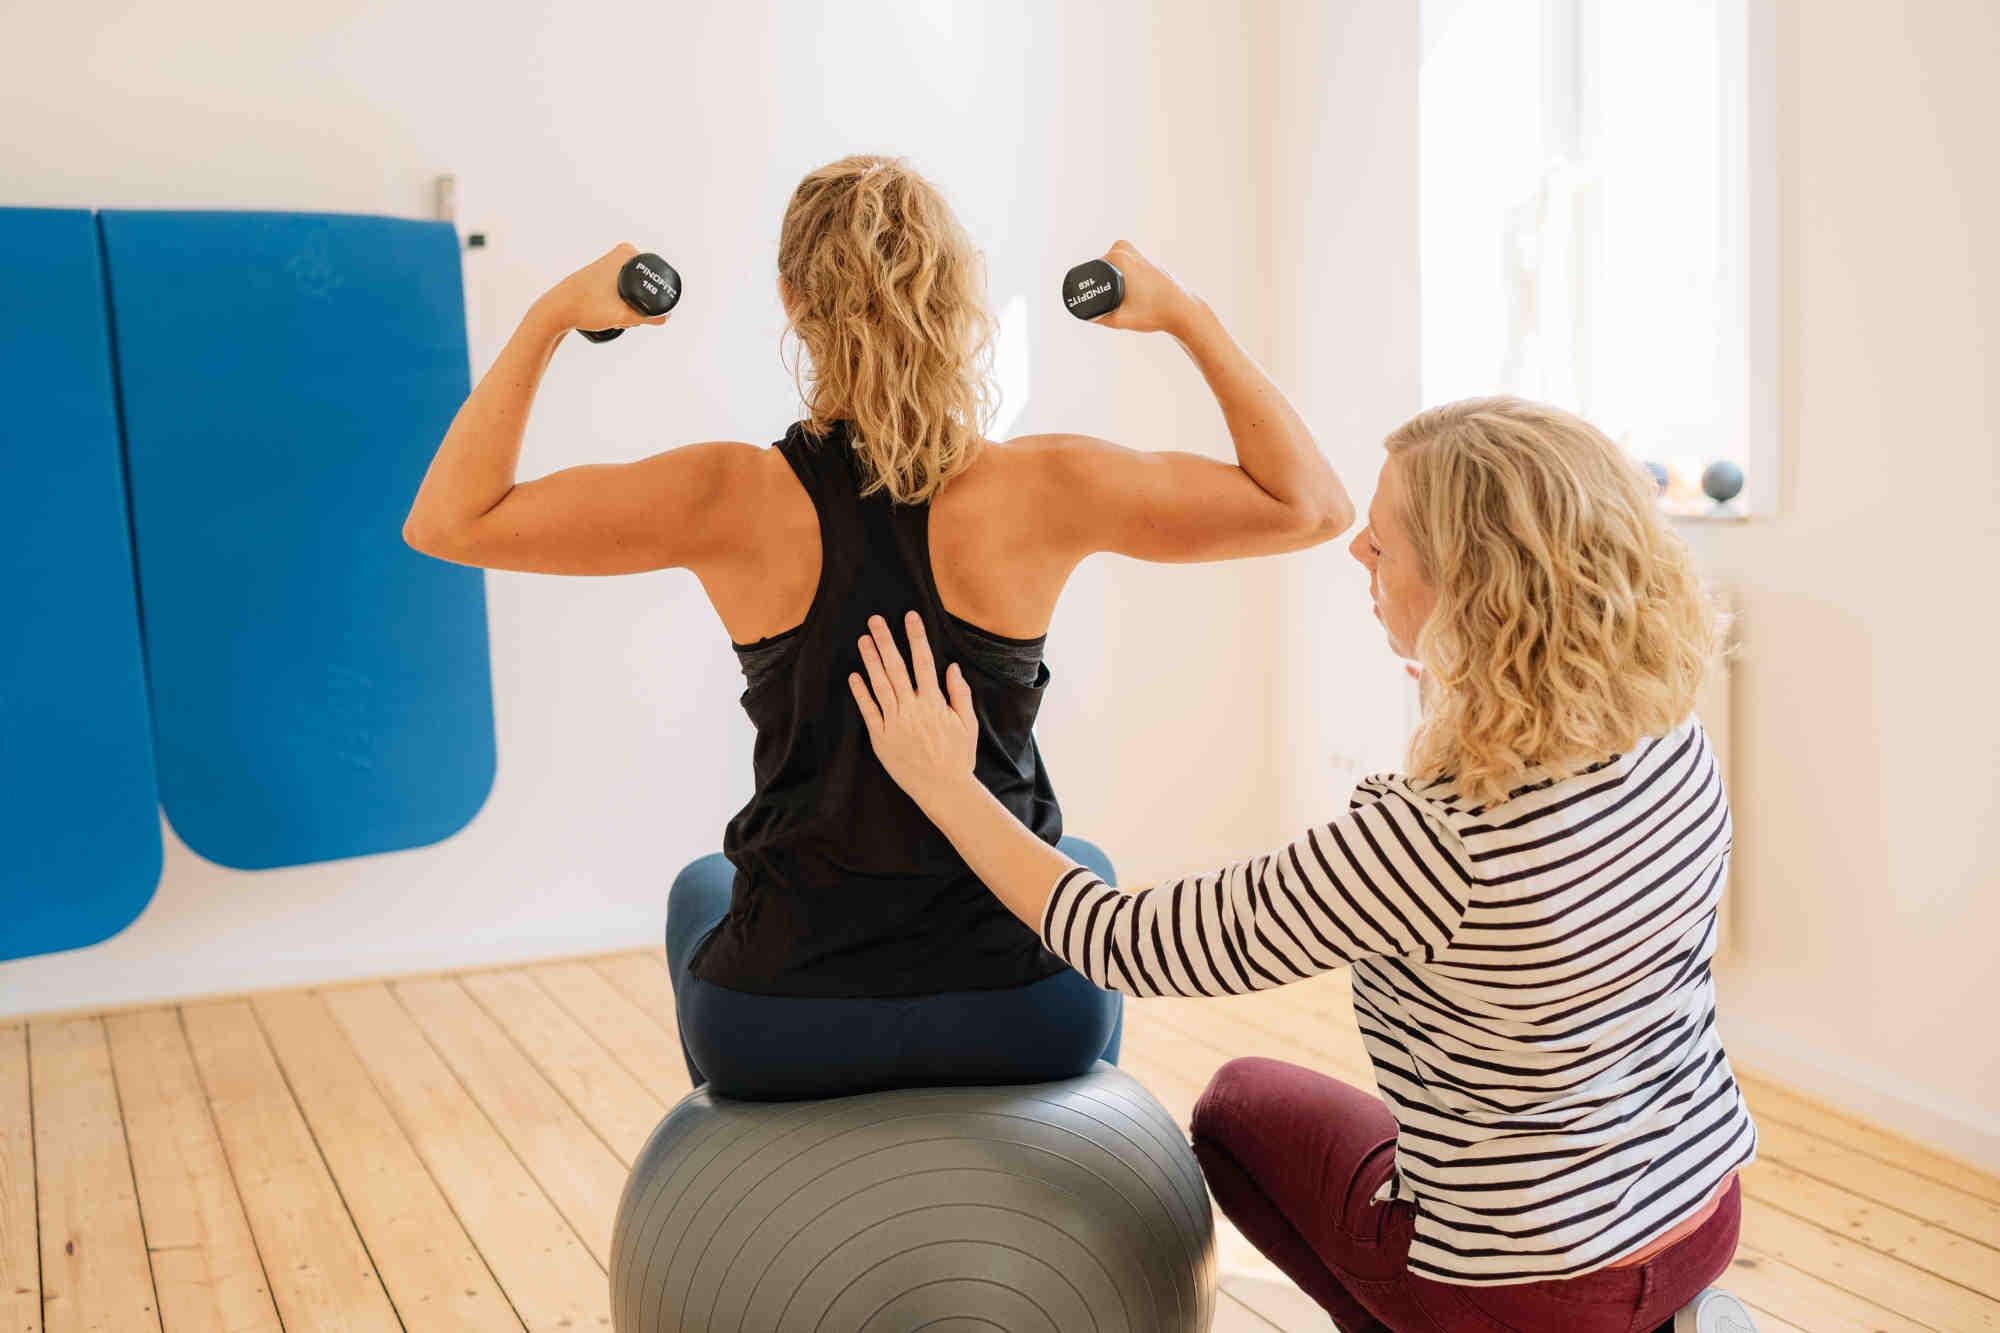 Funktionelles Training der Rückenmuskulatur mit Veronika Urban und Patientin